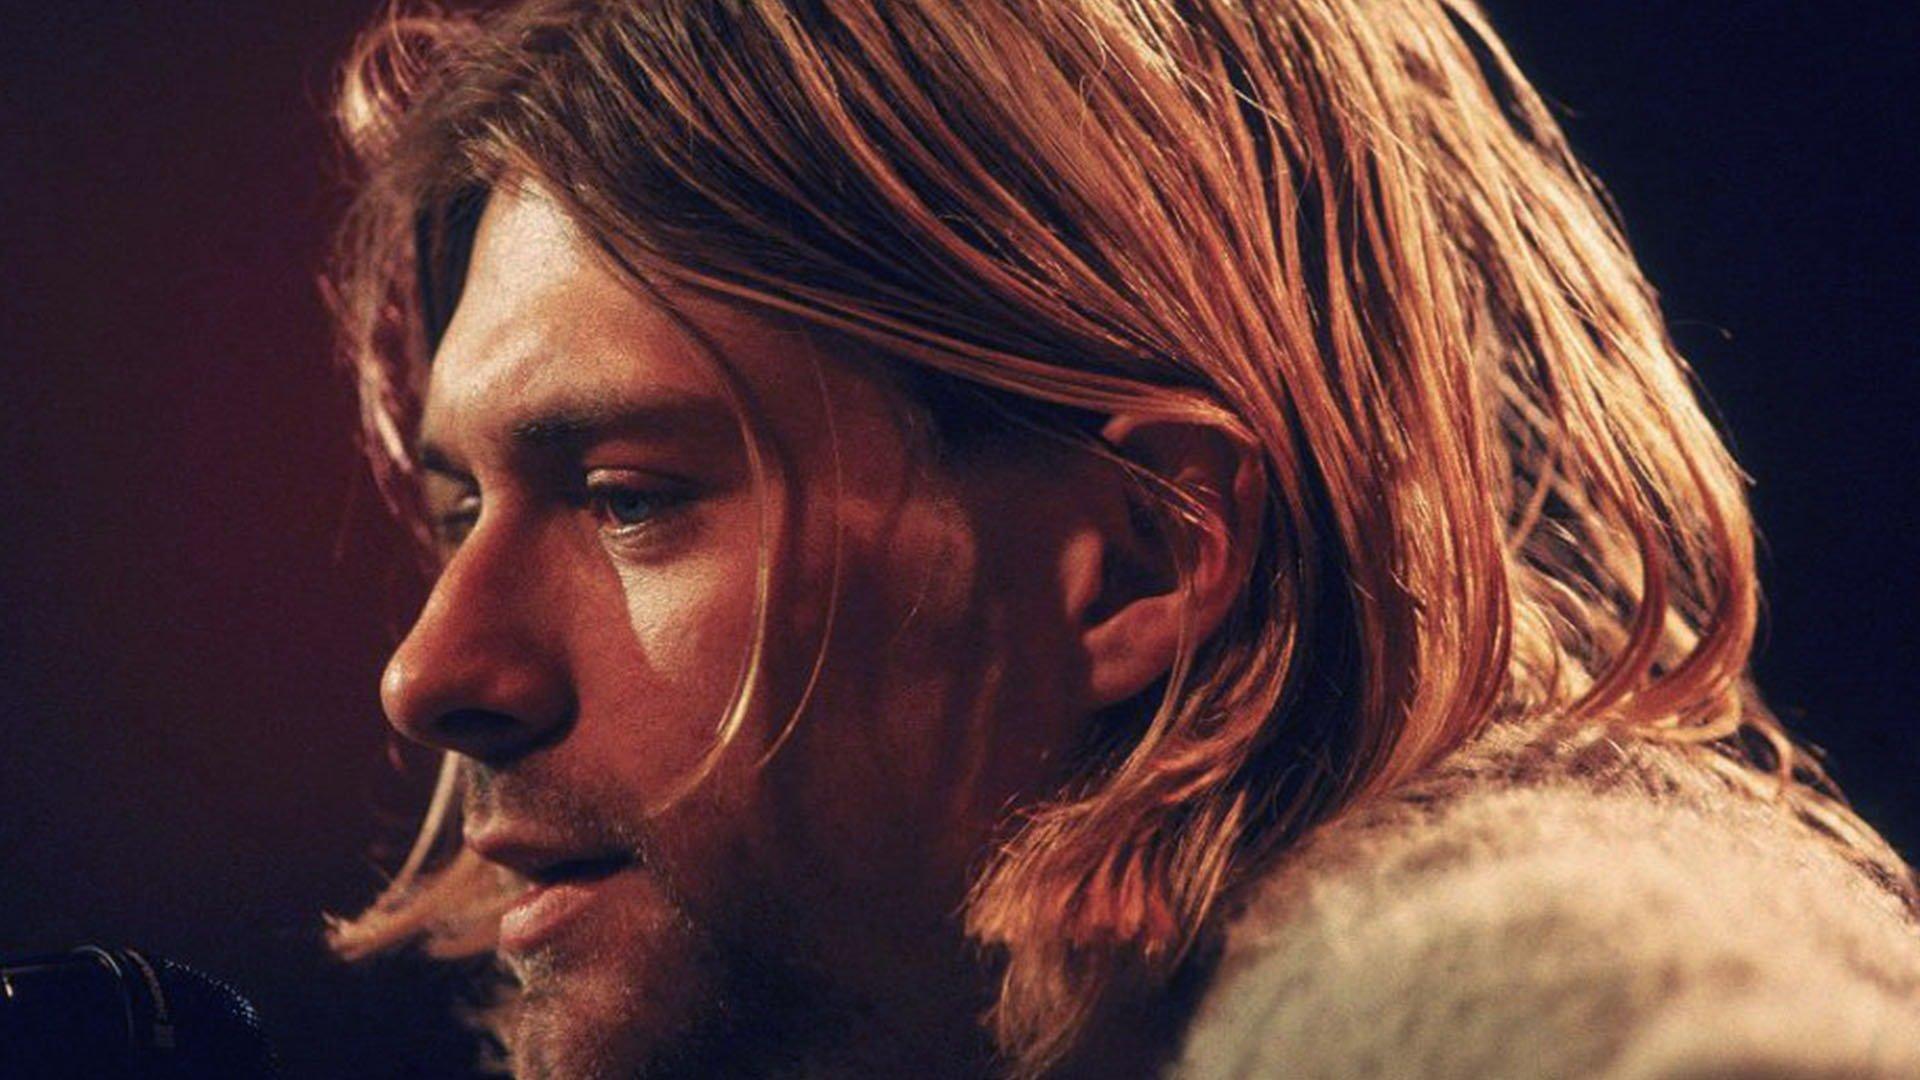 Il famoso Club 27 è composto da tutti gli artisti morti a 27 anni come Kurt Cobain